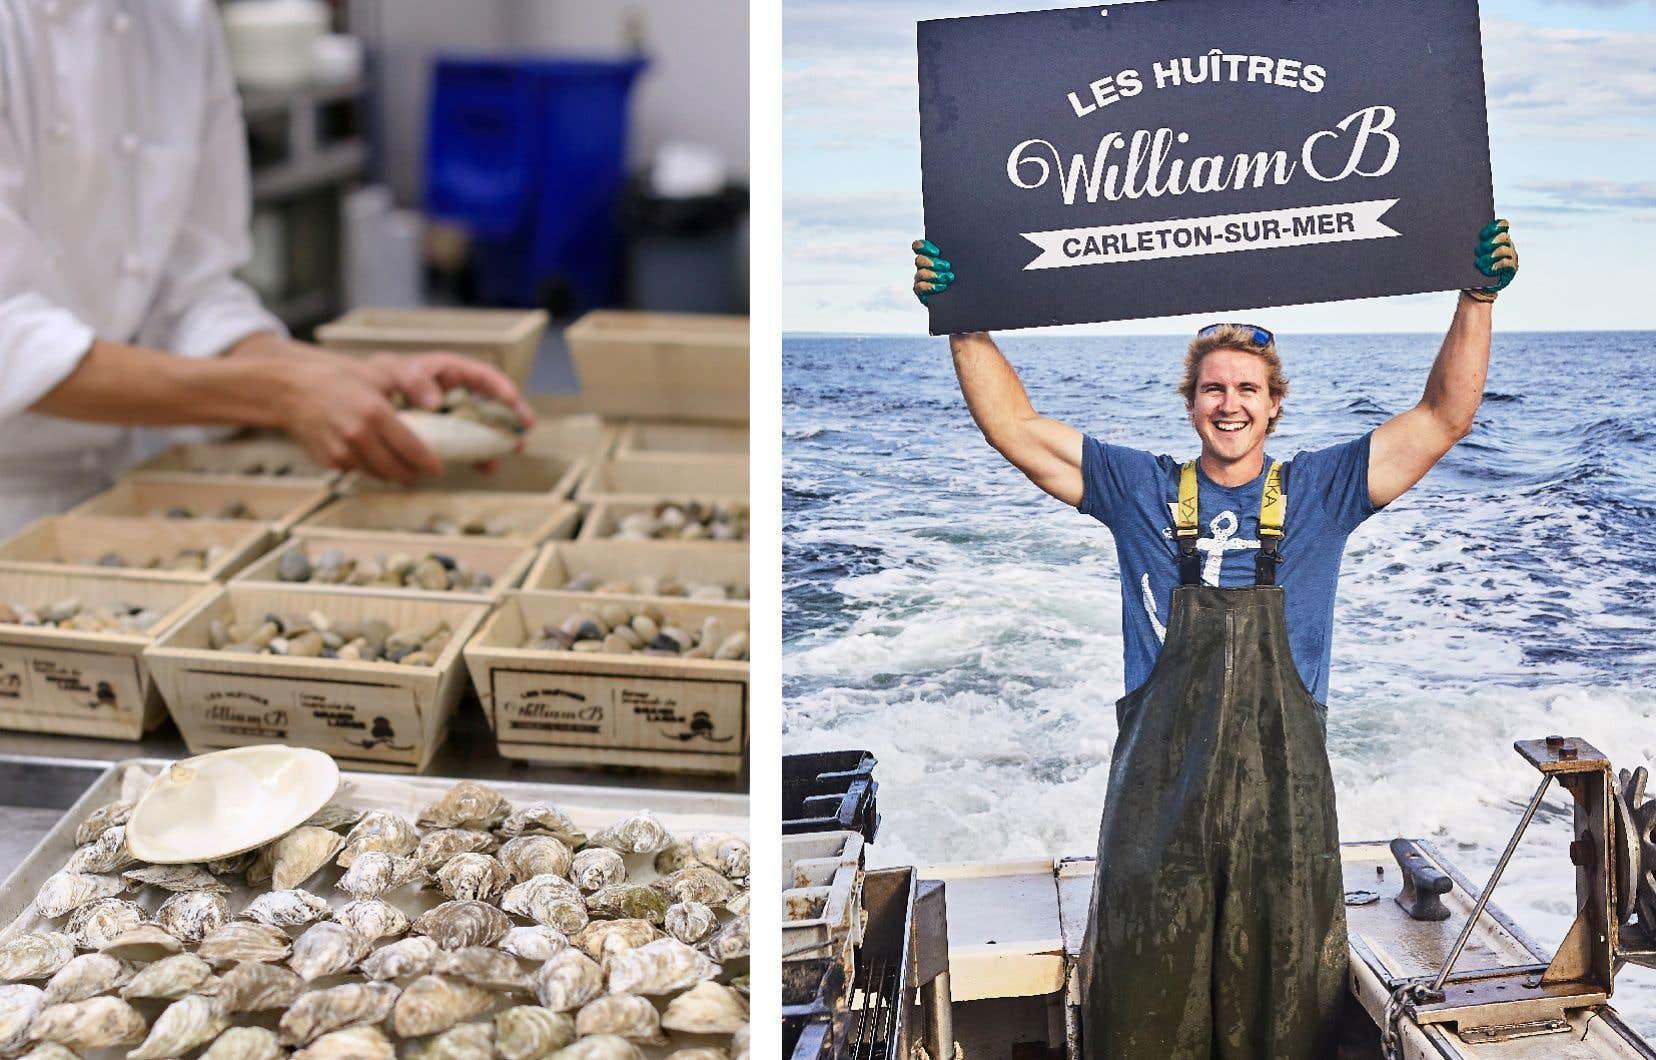 À 26 ans seulement, William Bujold est déjà un pionnier de l'élevage des huîtres au Québec et ses mollusques se retrouvent au menu des plus grandes tables du Québec.